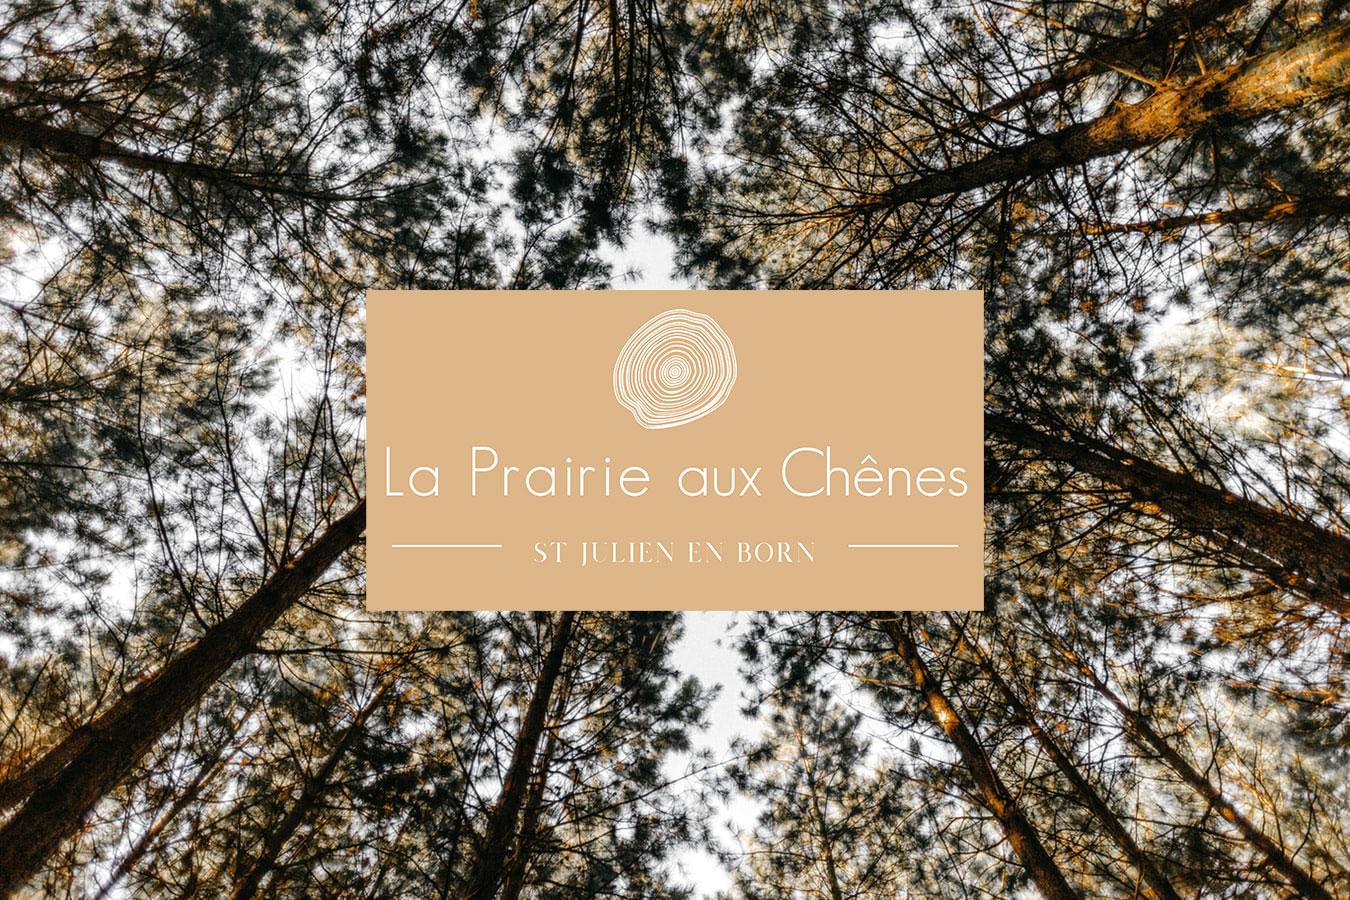 La Prairie aux Chênes